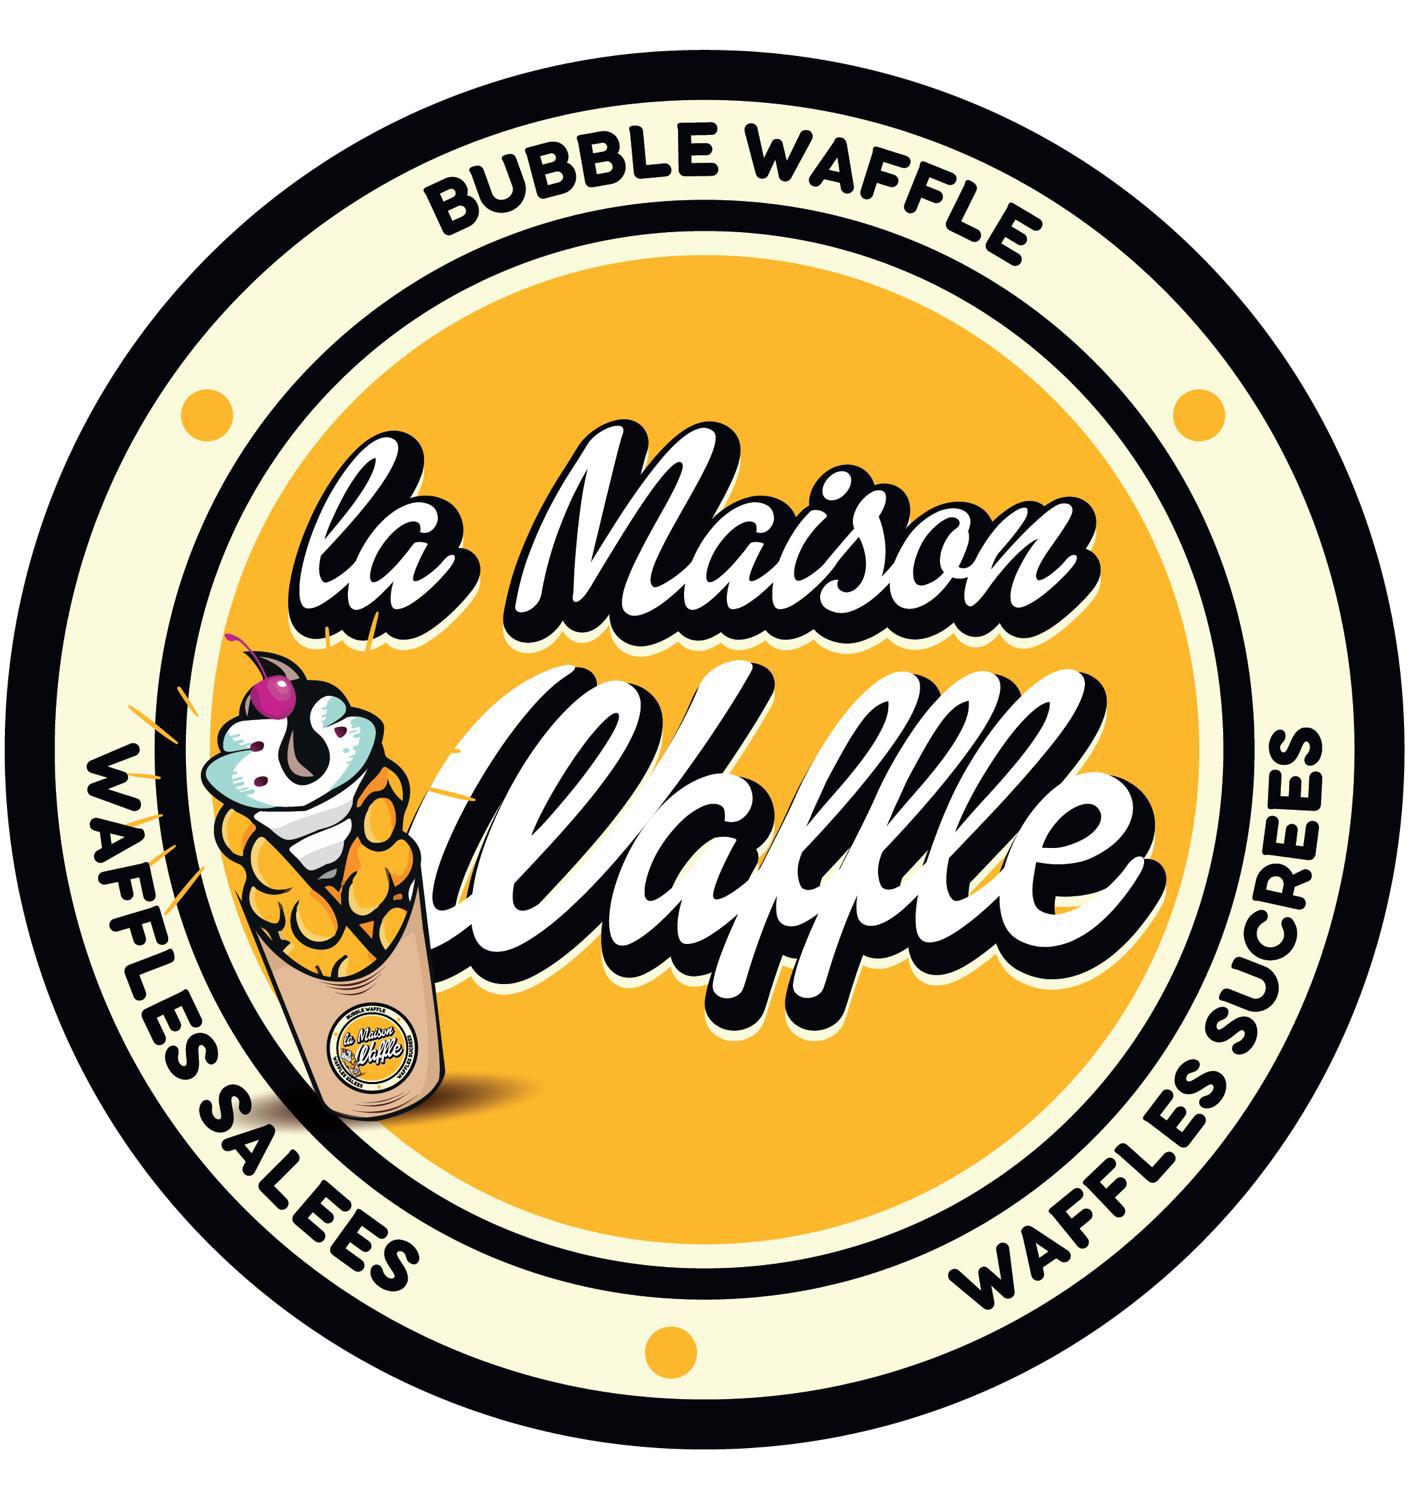 La maison Waffle